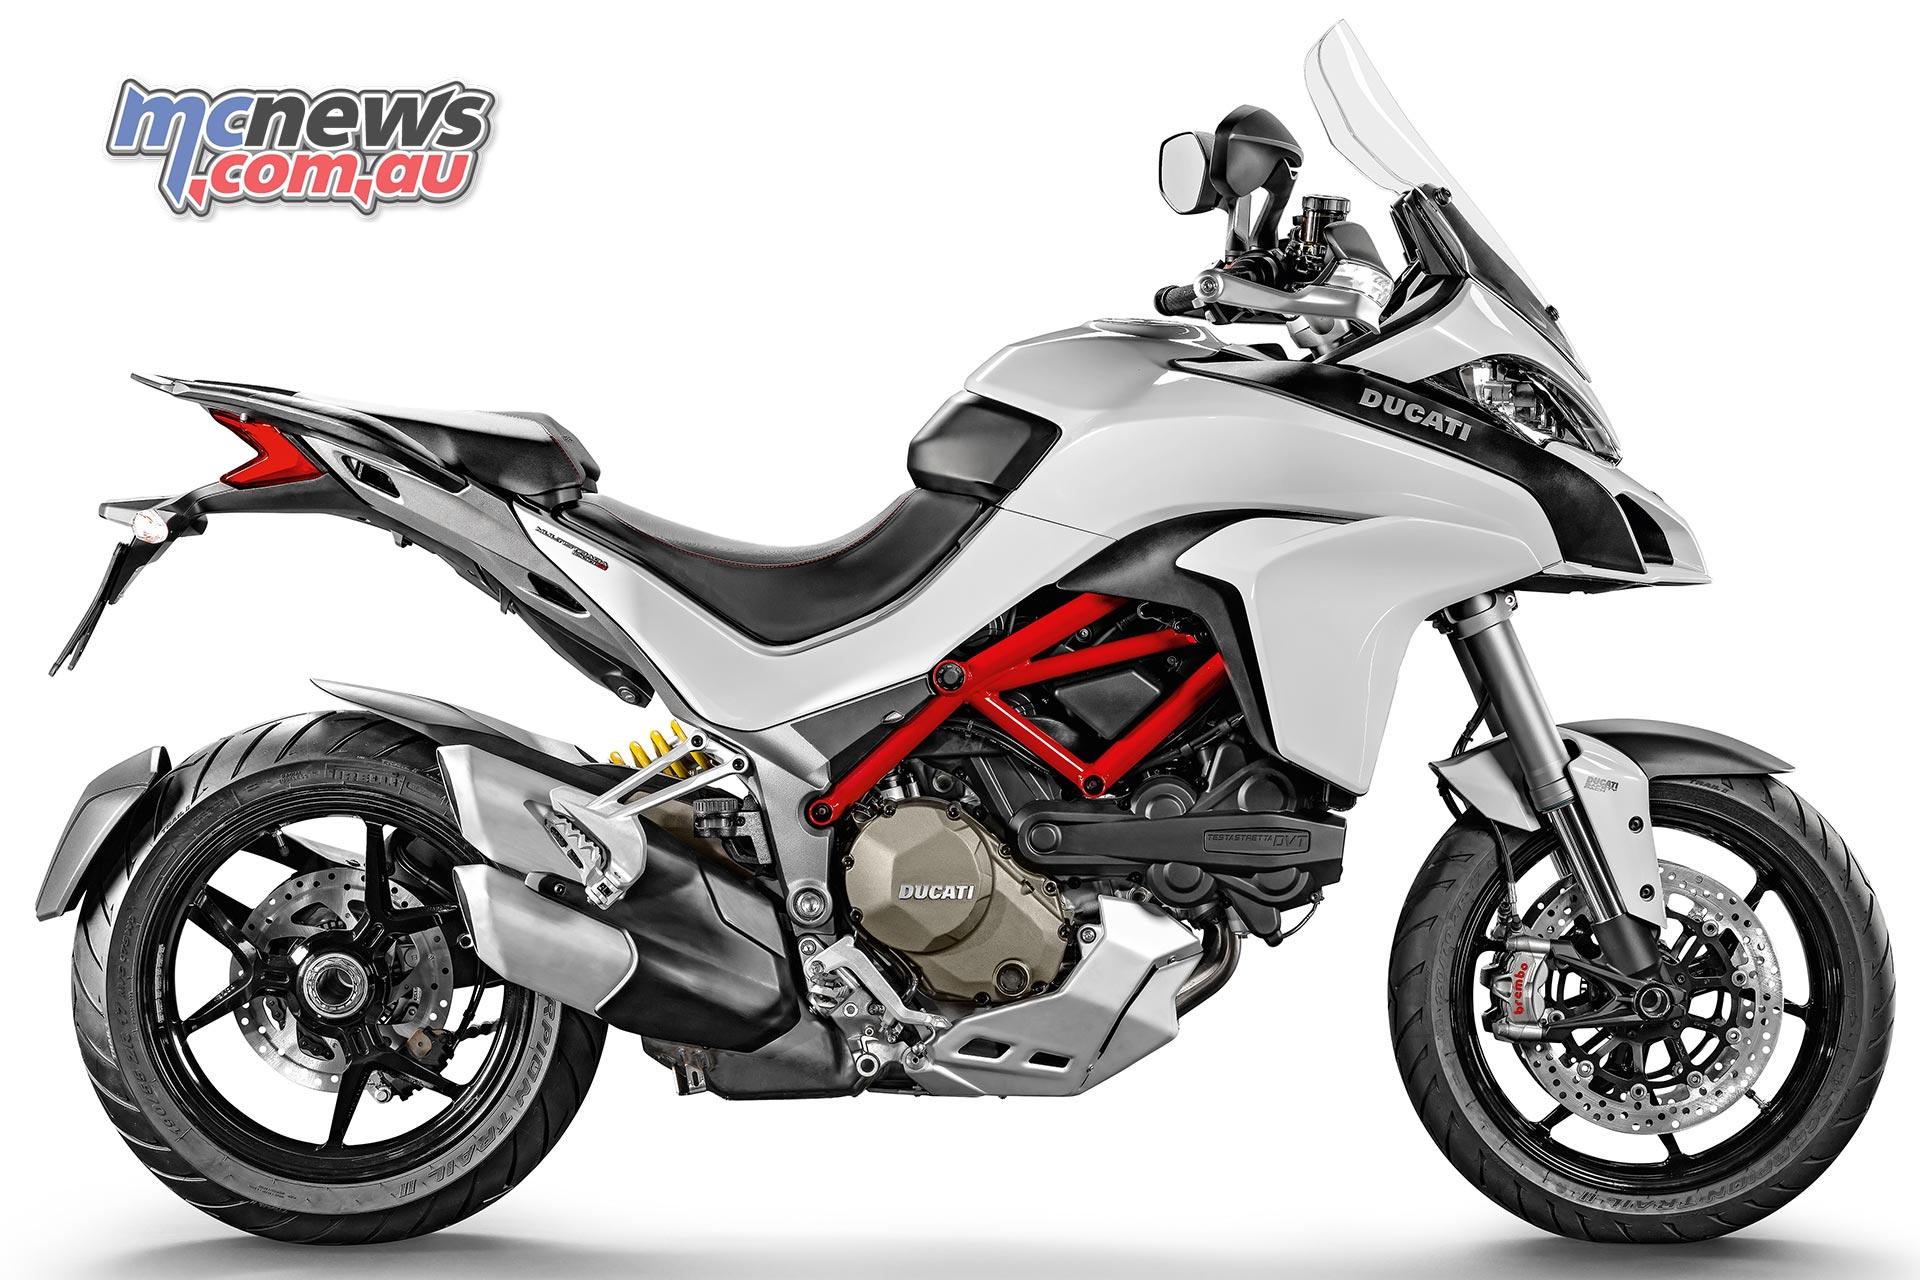 2017 Ducati Multistrada 1200S